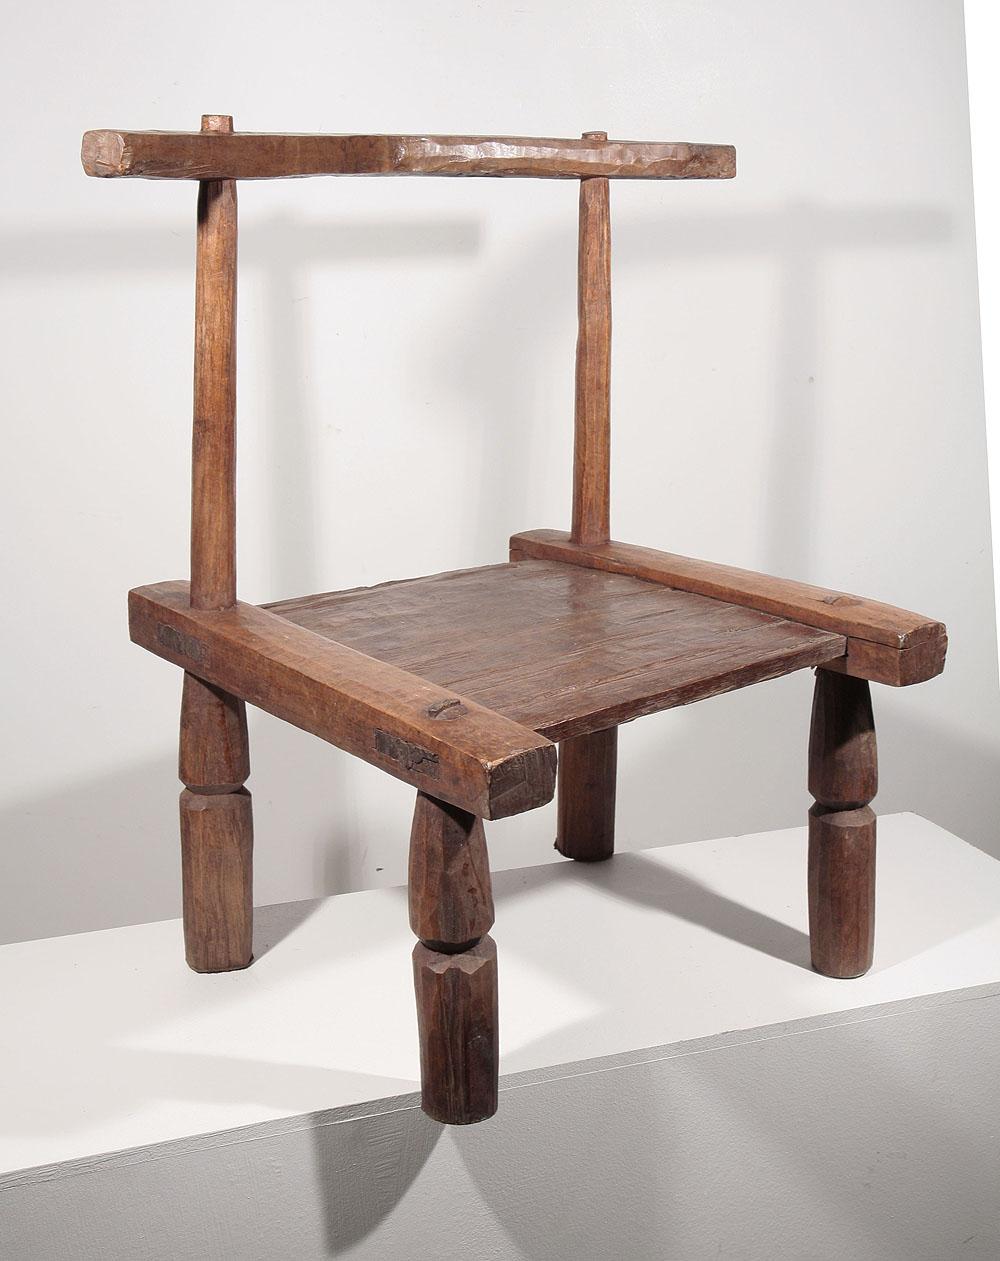 Chaise africaine baoul 10 496 95 galerie art africain for Chaise africaine